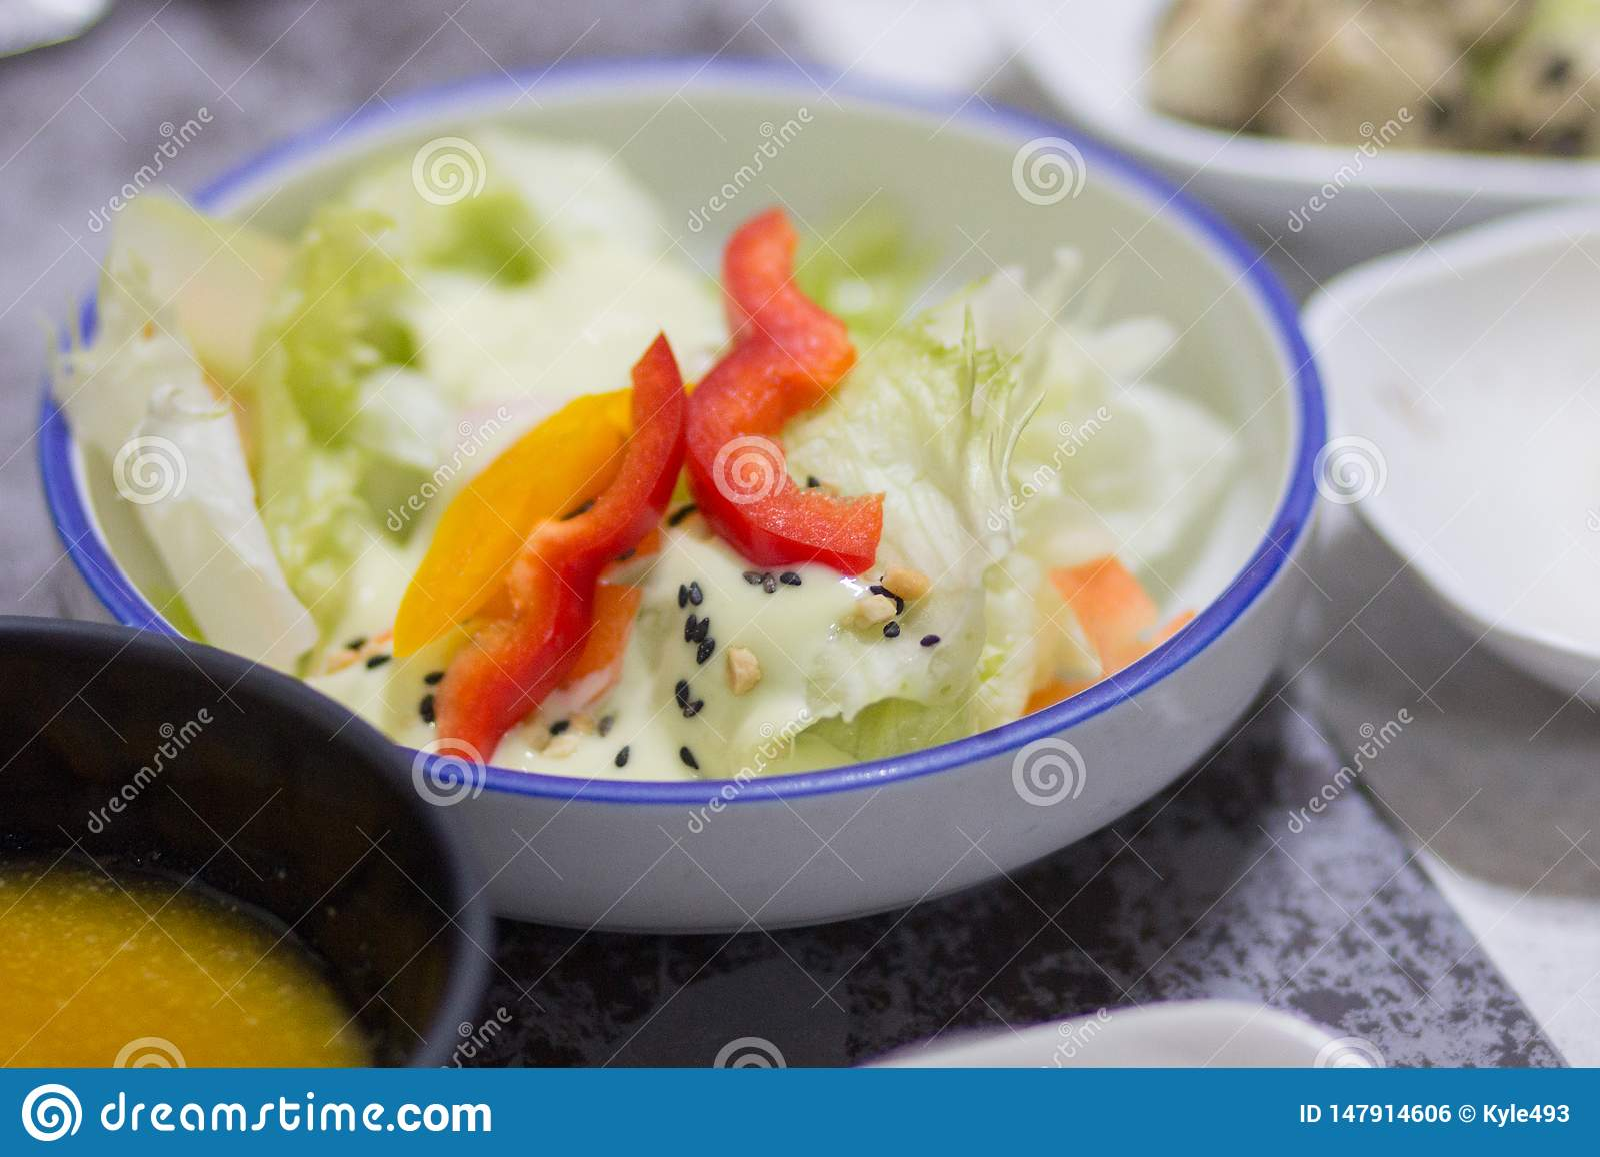 Un plat de salade entre d autres garnitures coréennes